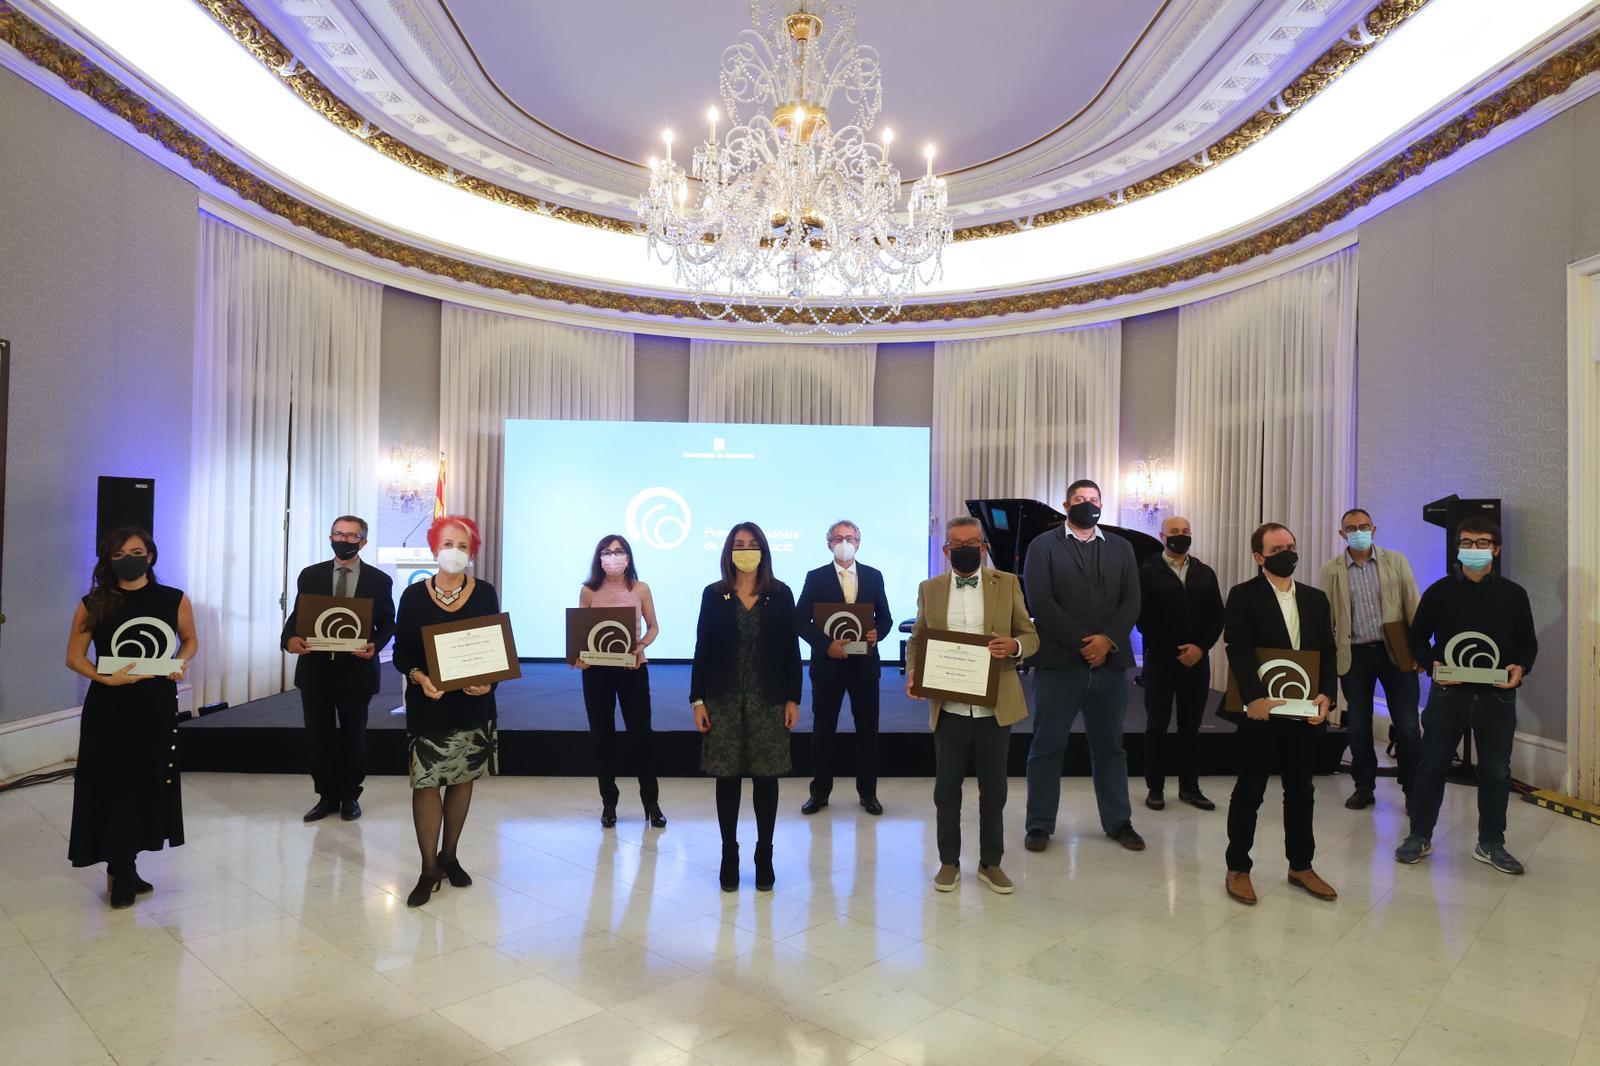 La consellera Budó en l'entrega de Premis Nacionals de Comunicació (Foto: Rubén Moreno)